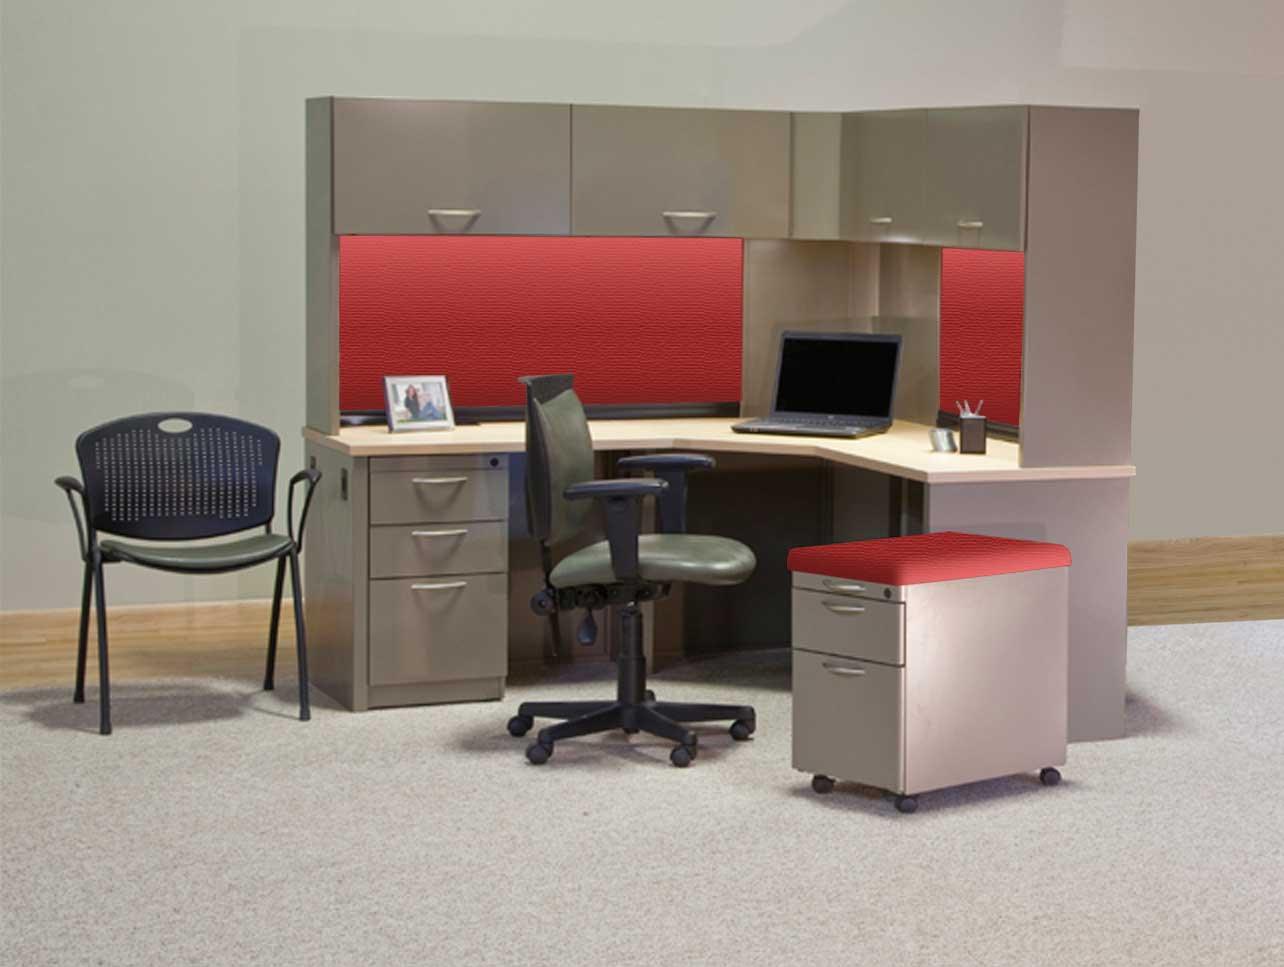 ikea corner desk hutch office furniture. Black Bedroom Furniture Sets. Home Design Ideas